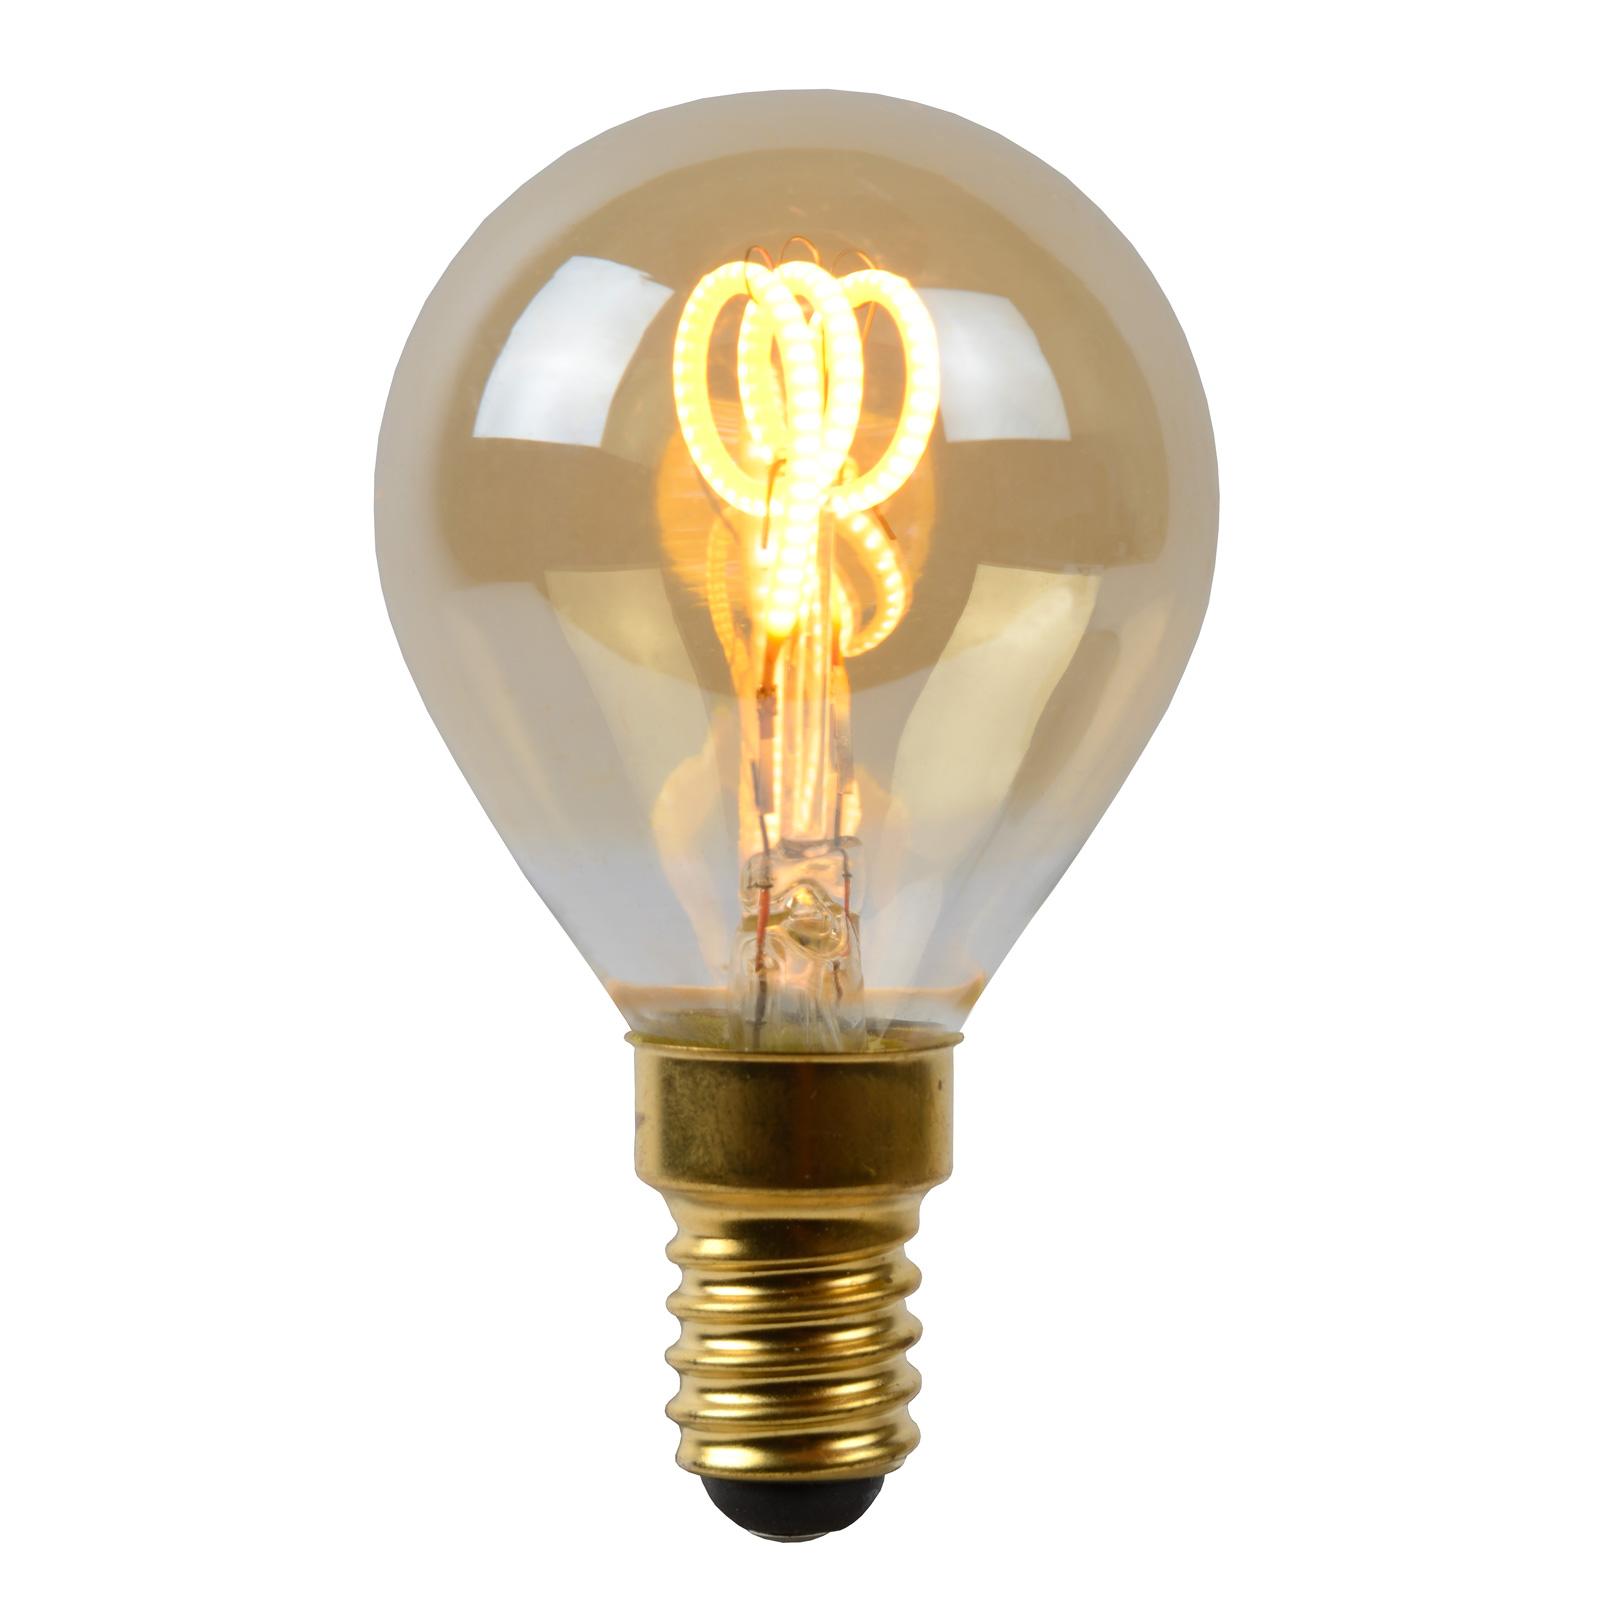 Żarówka LED E14 3W kropla bursztyn 2200K